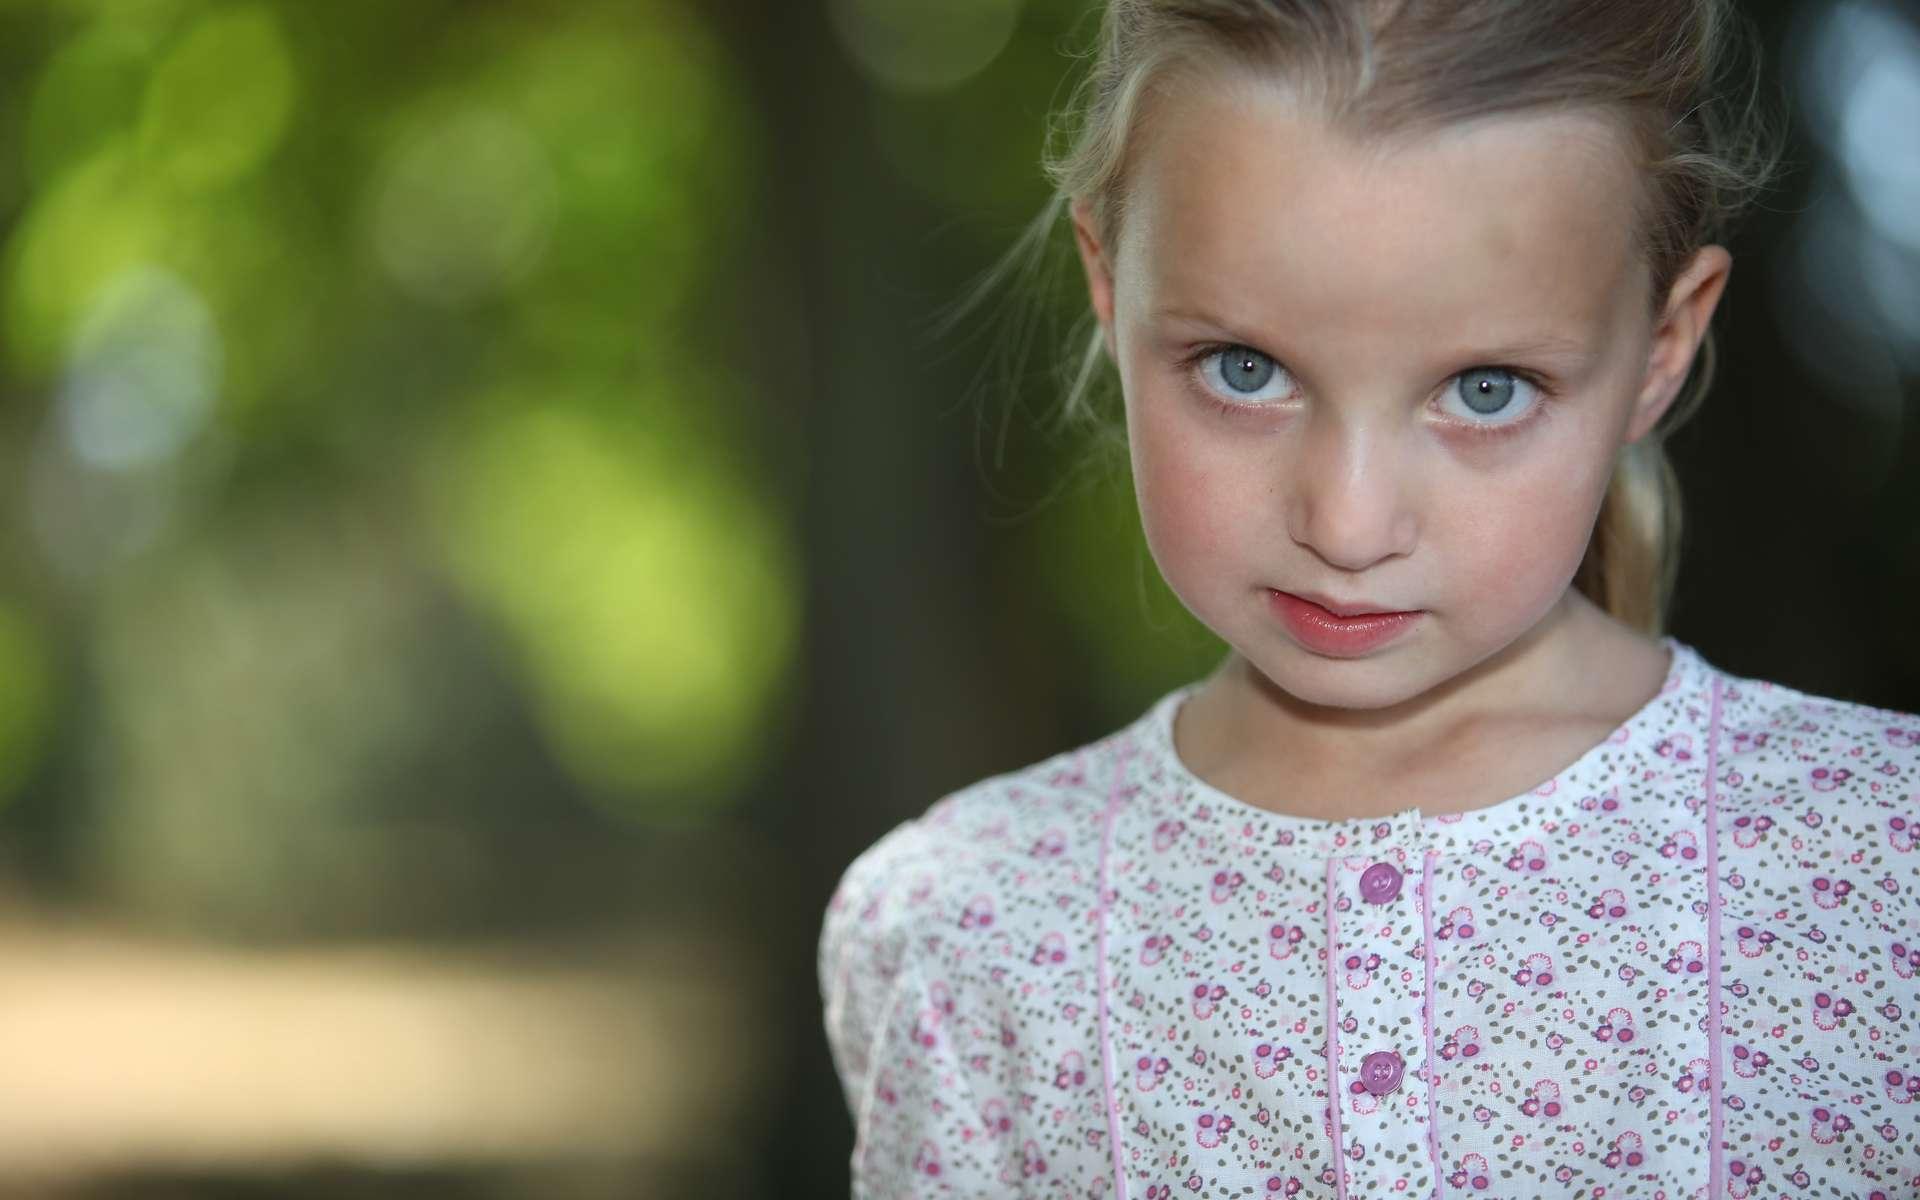 Le bégaiement débute parfois dès l'âge de 3-4 ans. Le stress peut jouer sur ce trouble du langage. © Phovoir